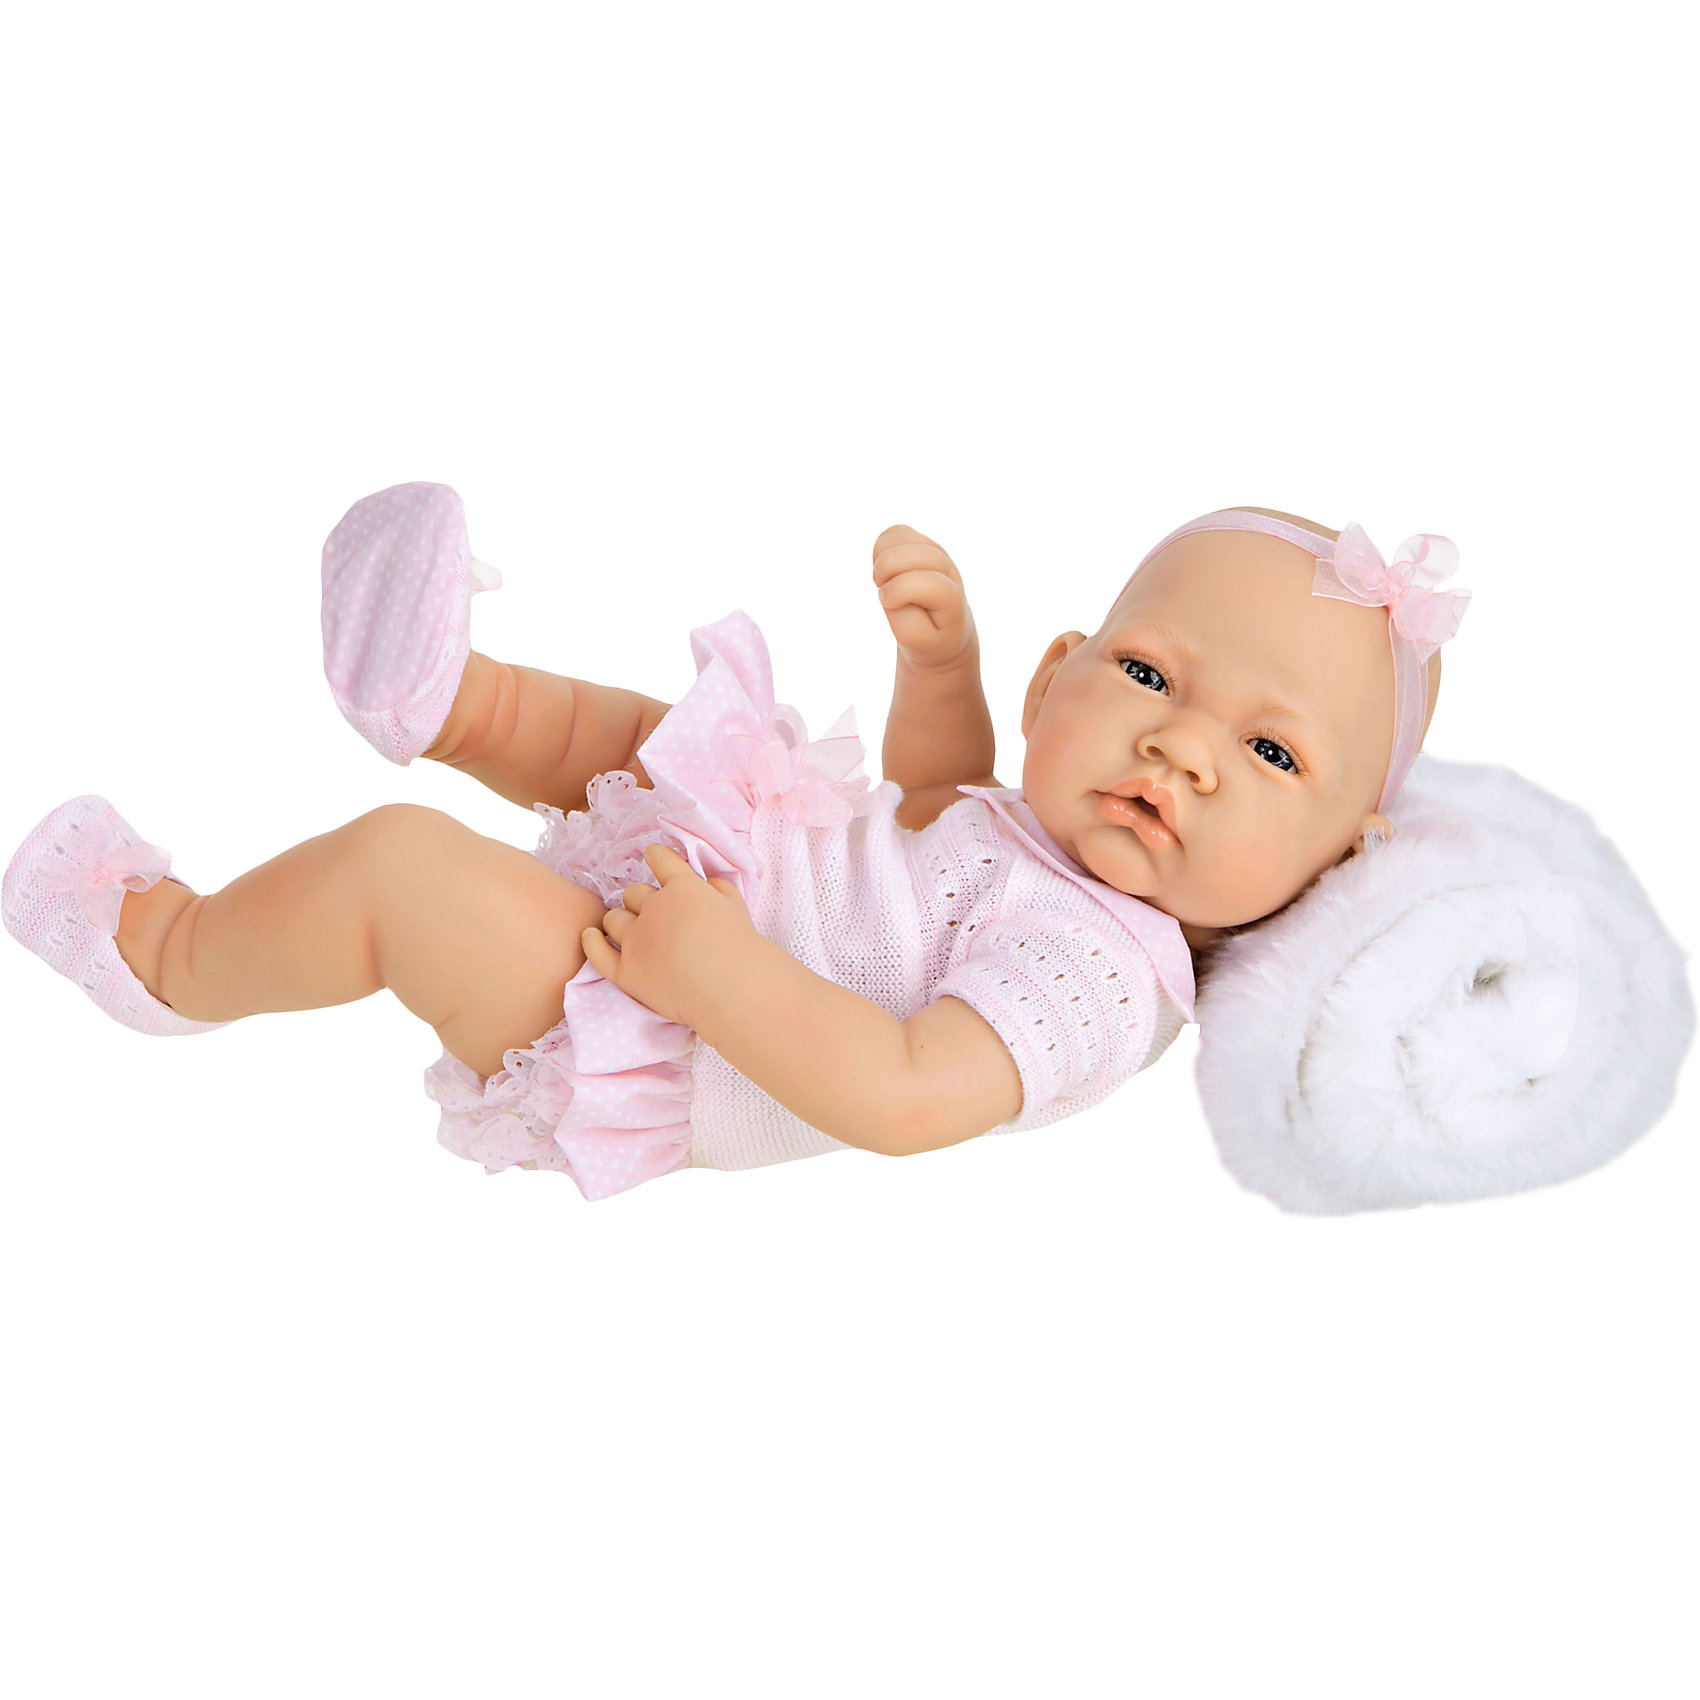 Munecas Antonio Juan Кукла-младенец Эми, 42 см, Munecas Antonio Juan кукла младенец игнасио в голубом 42 см antonio juan munecas